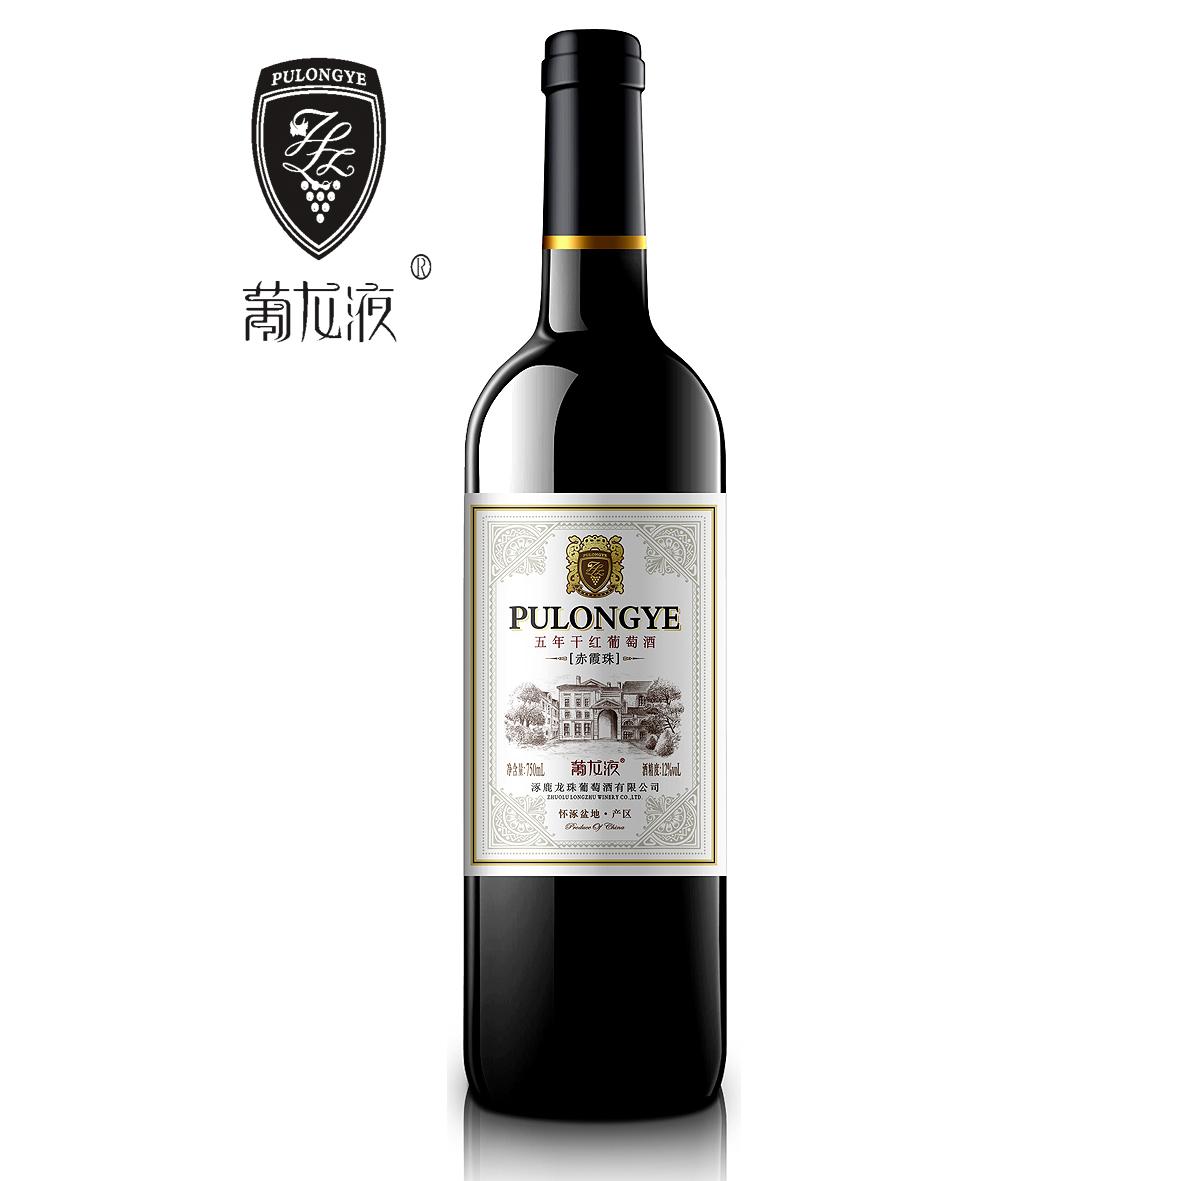 葡龙液五年橡木桶窖藏葡萄酒红酒礼品